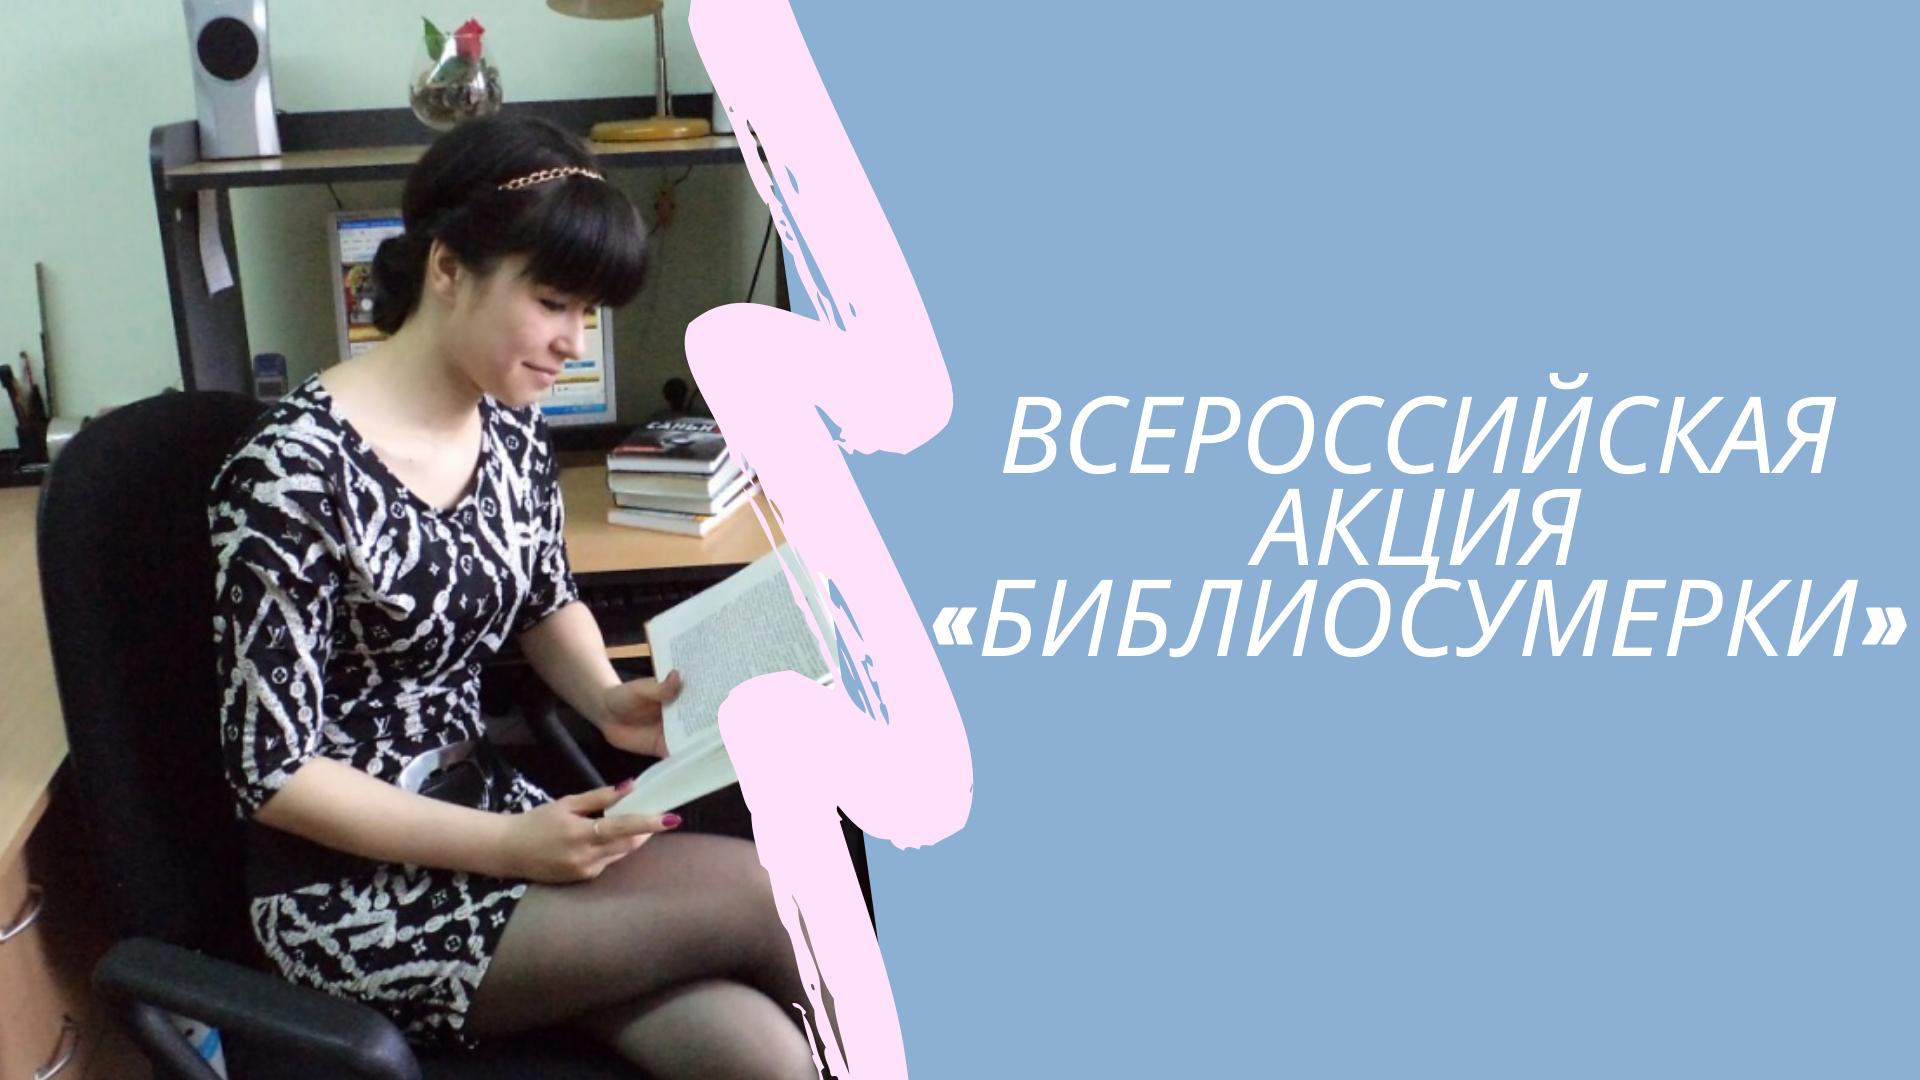 Всероссийская акция «Библиосумерки» в библиотеке